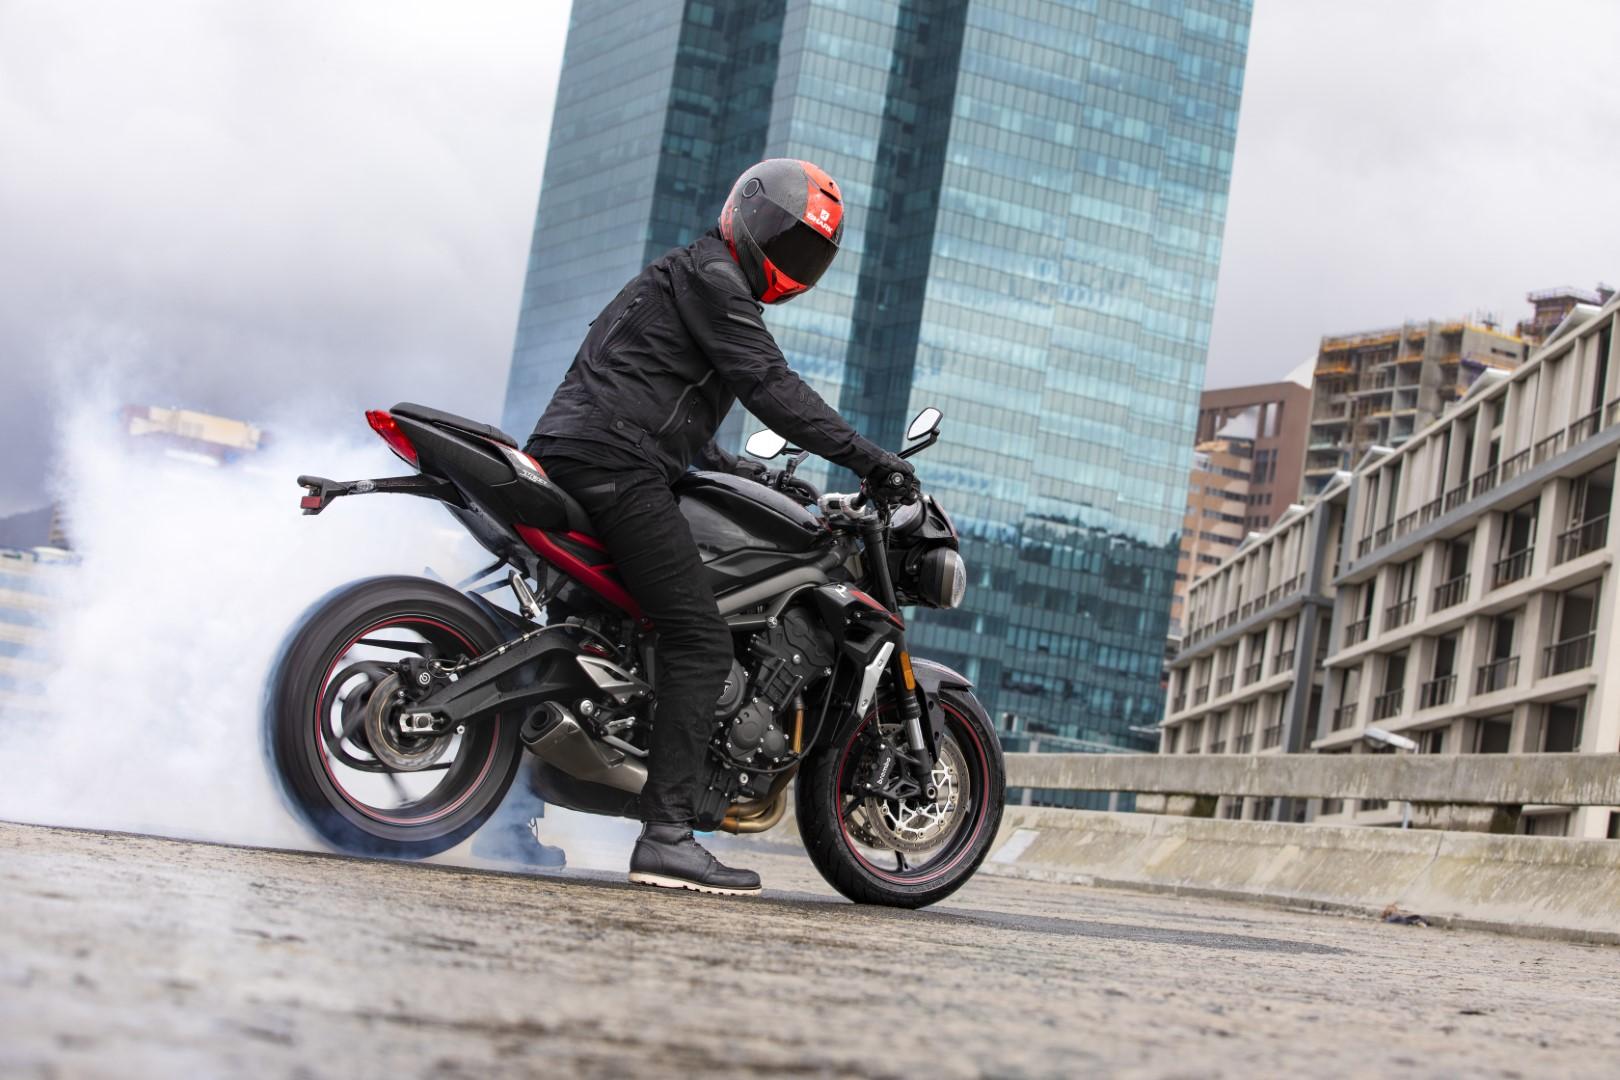 Nueva Triumph Street Triple R 2020, detalles, ficha técnica y precio de la novedad británica